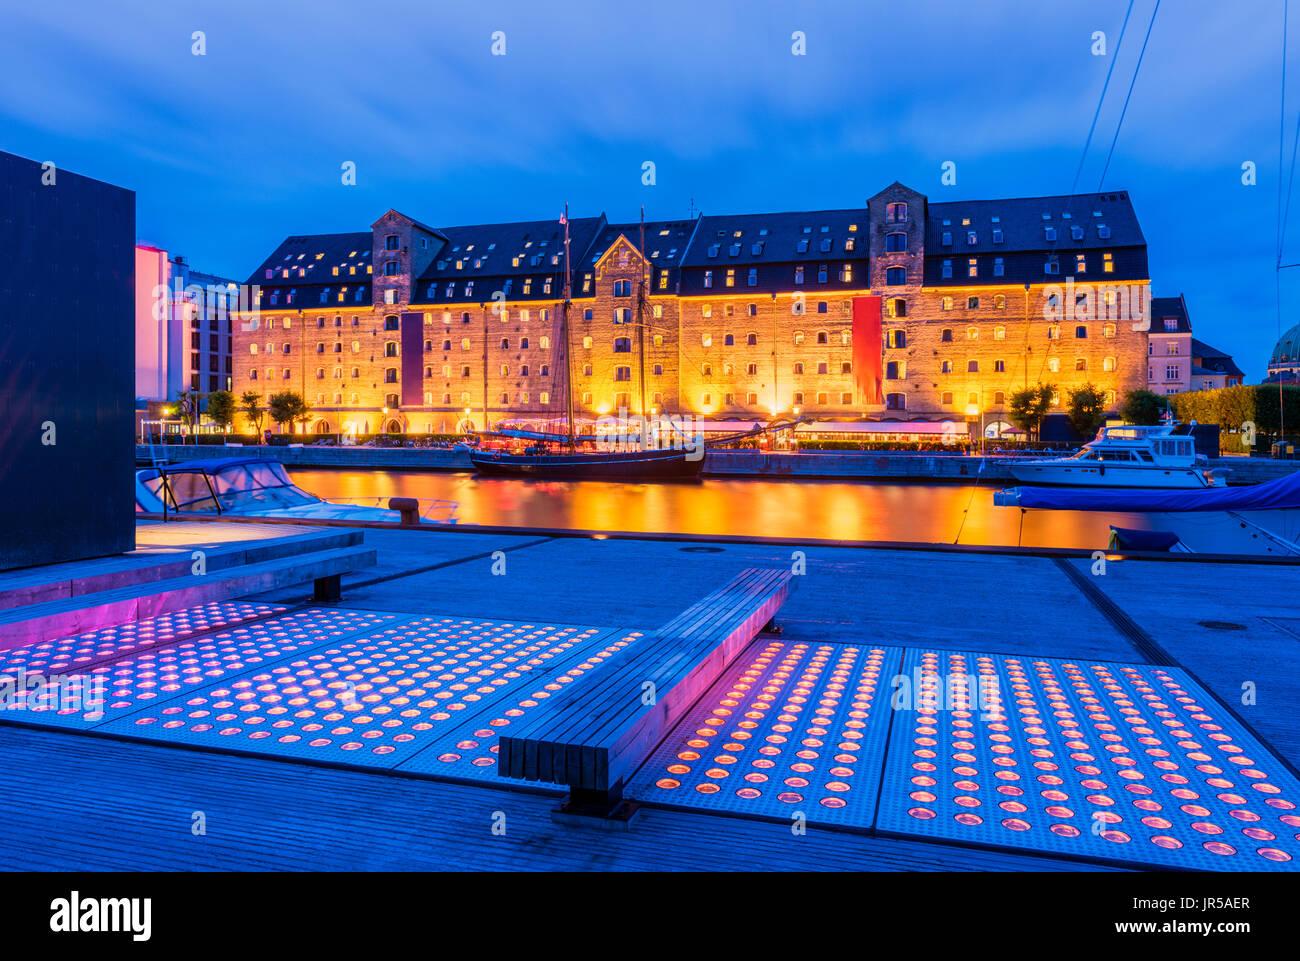 Vieux quai avec des éléments modernes dans le centre-ville, à Copenhague au Danemark Photo Stock